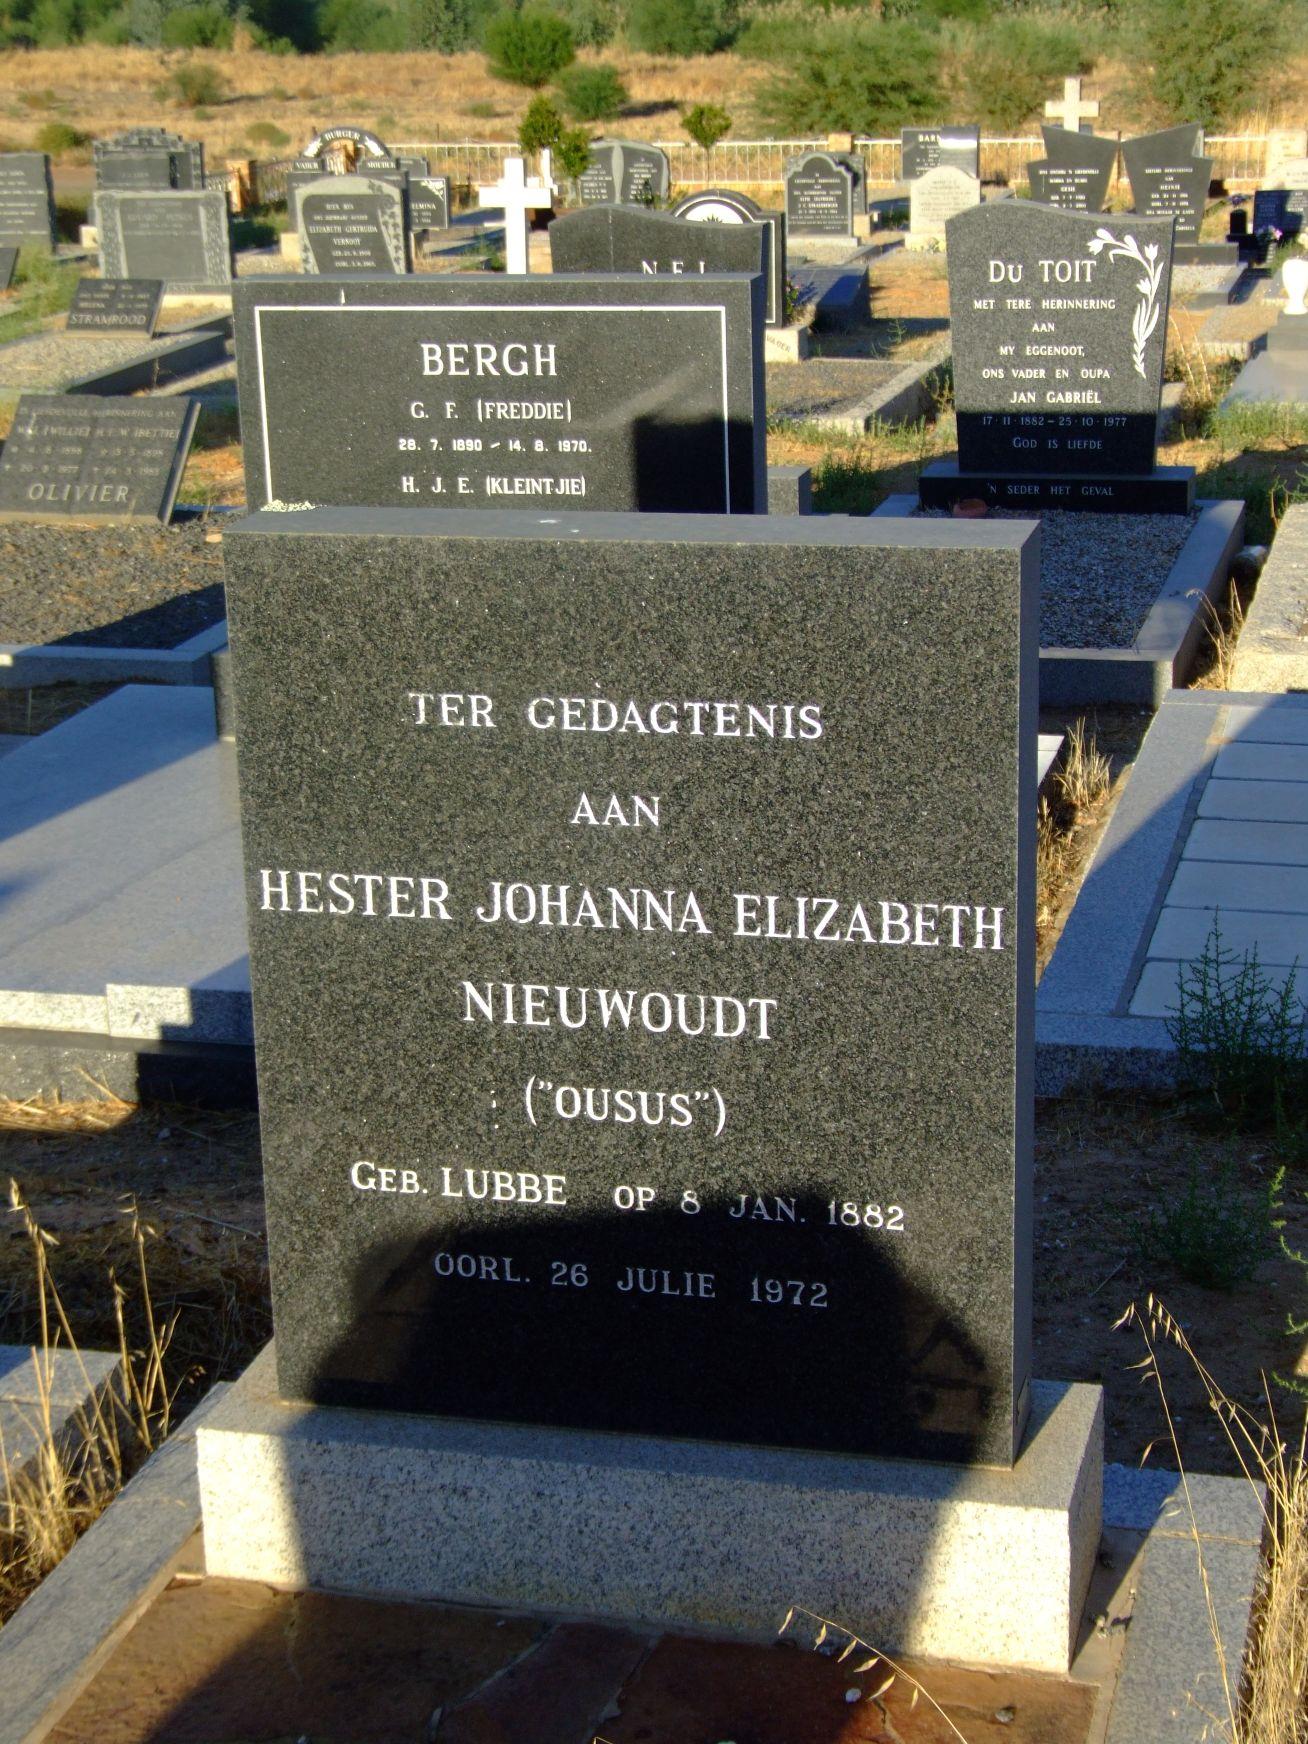 Nieuwoudt, Hester Johanna Elizabeth